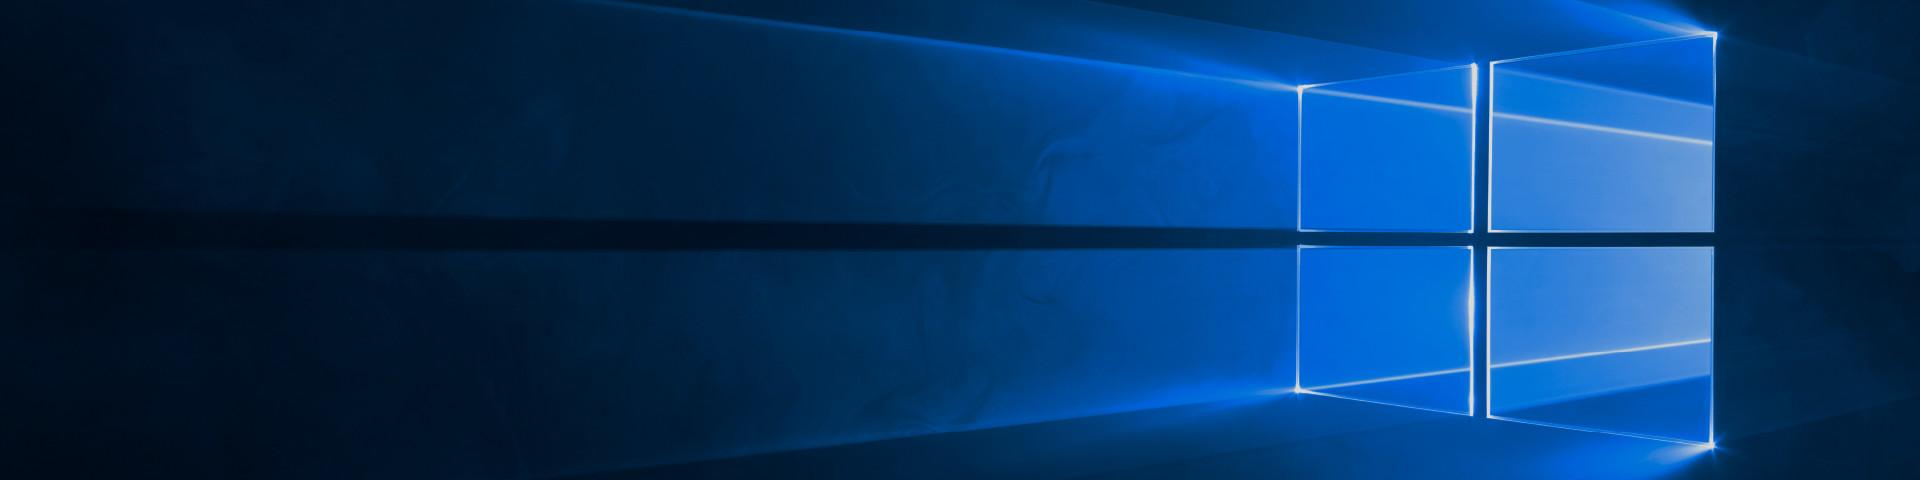 Chegou o Windows 10 e você pode adquiri-lo de graça.*